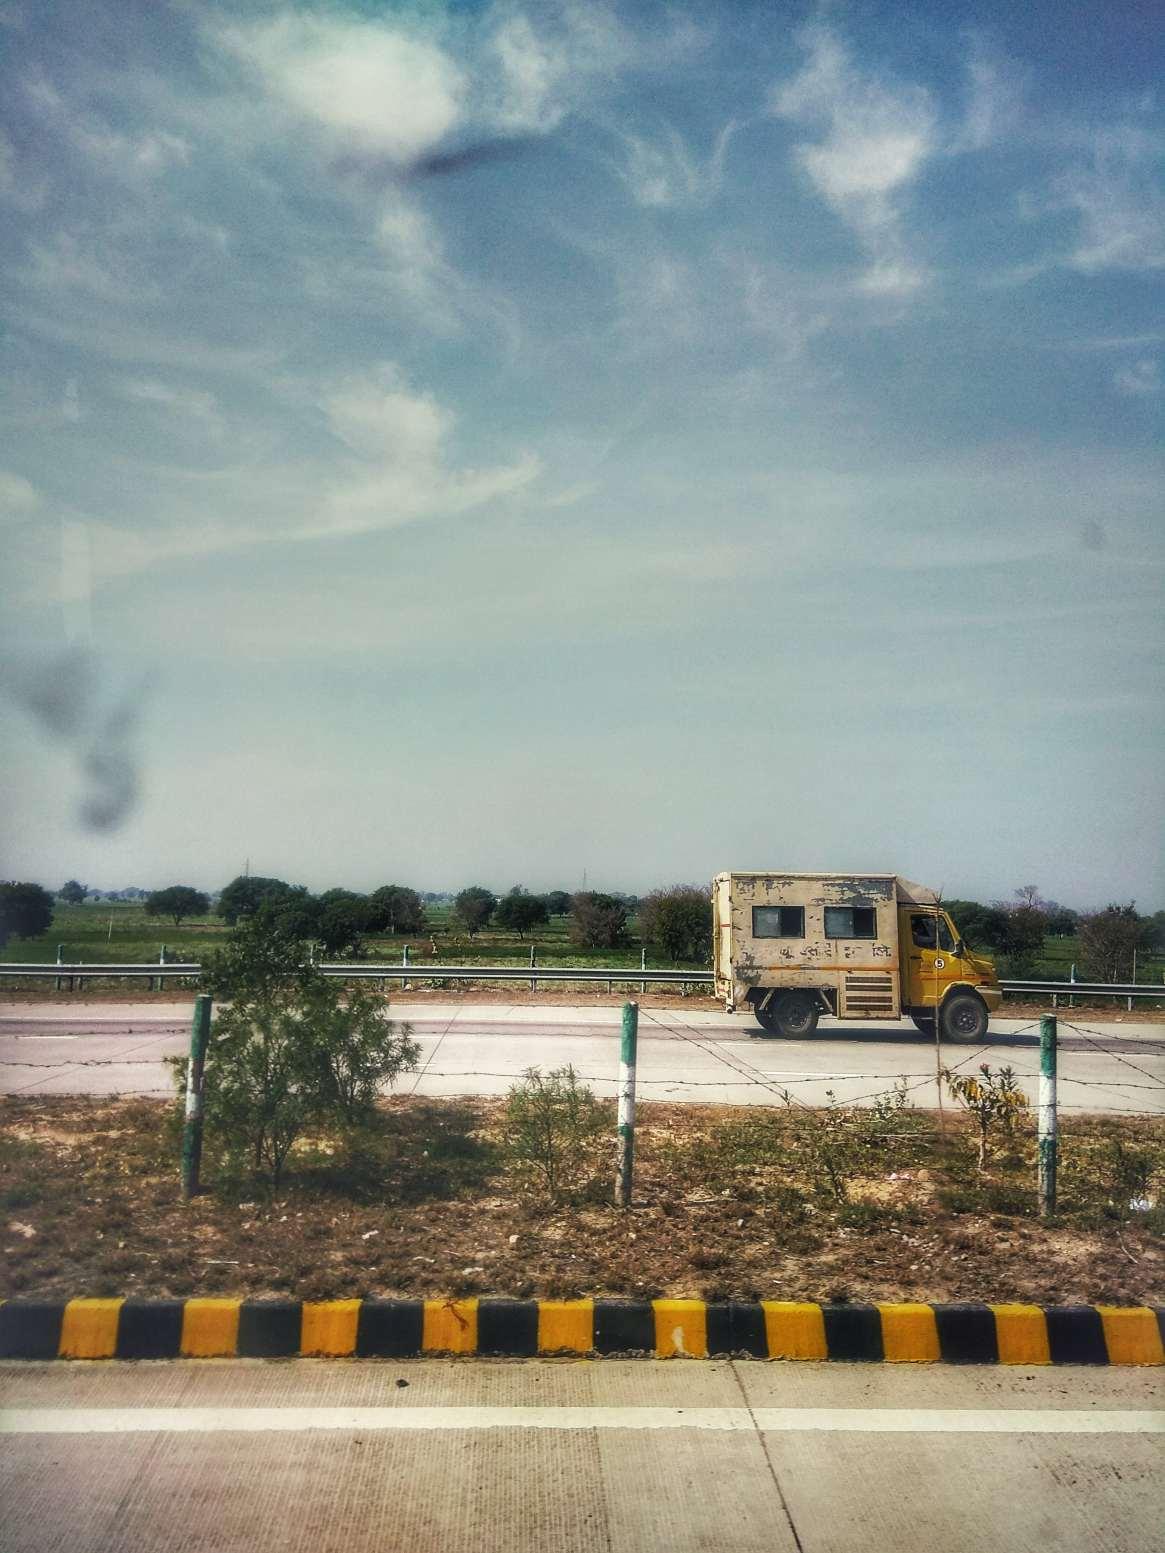 india-mobilechallenge-phoneclick-904057-min